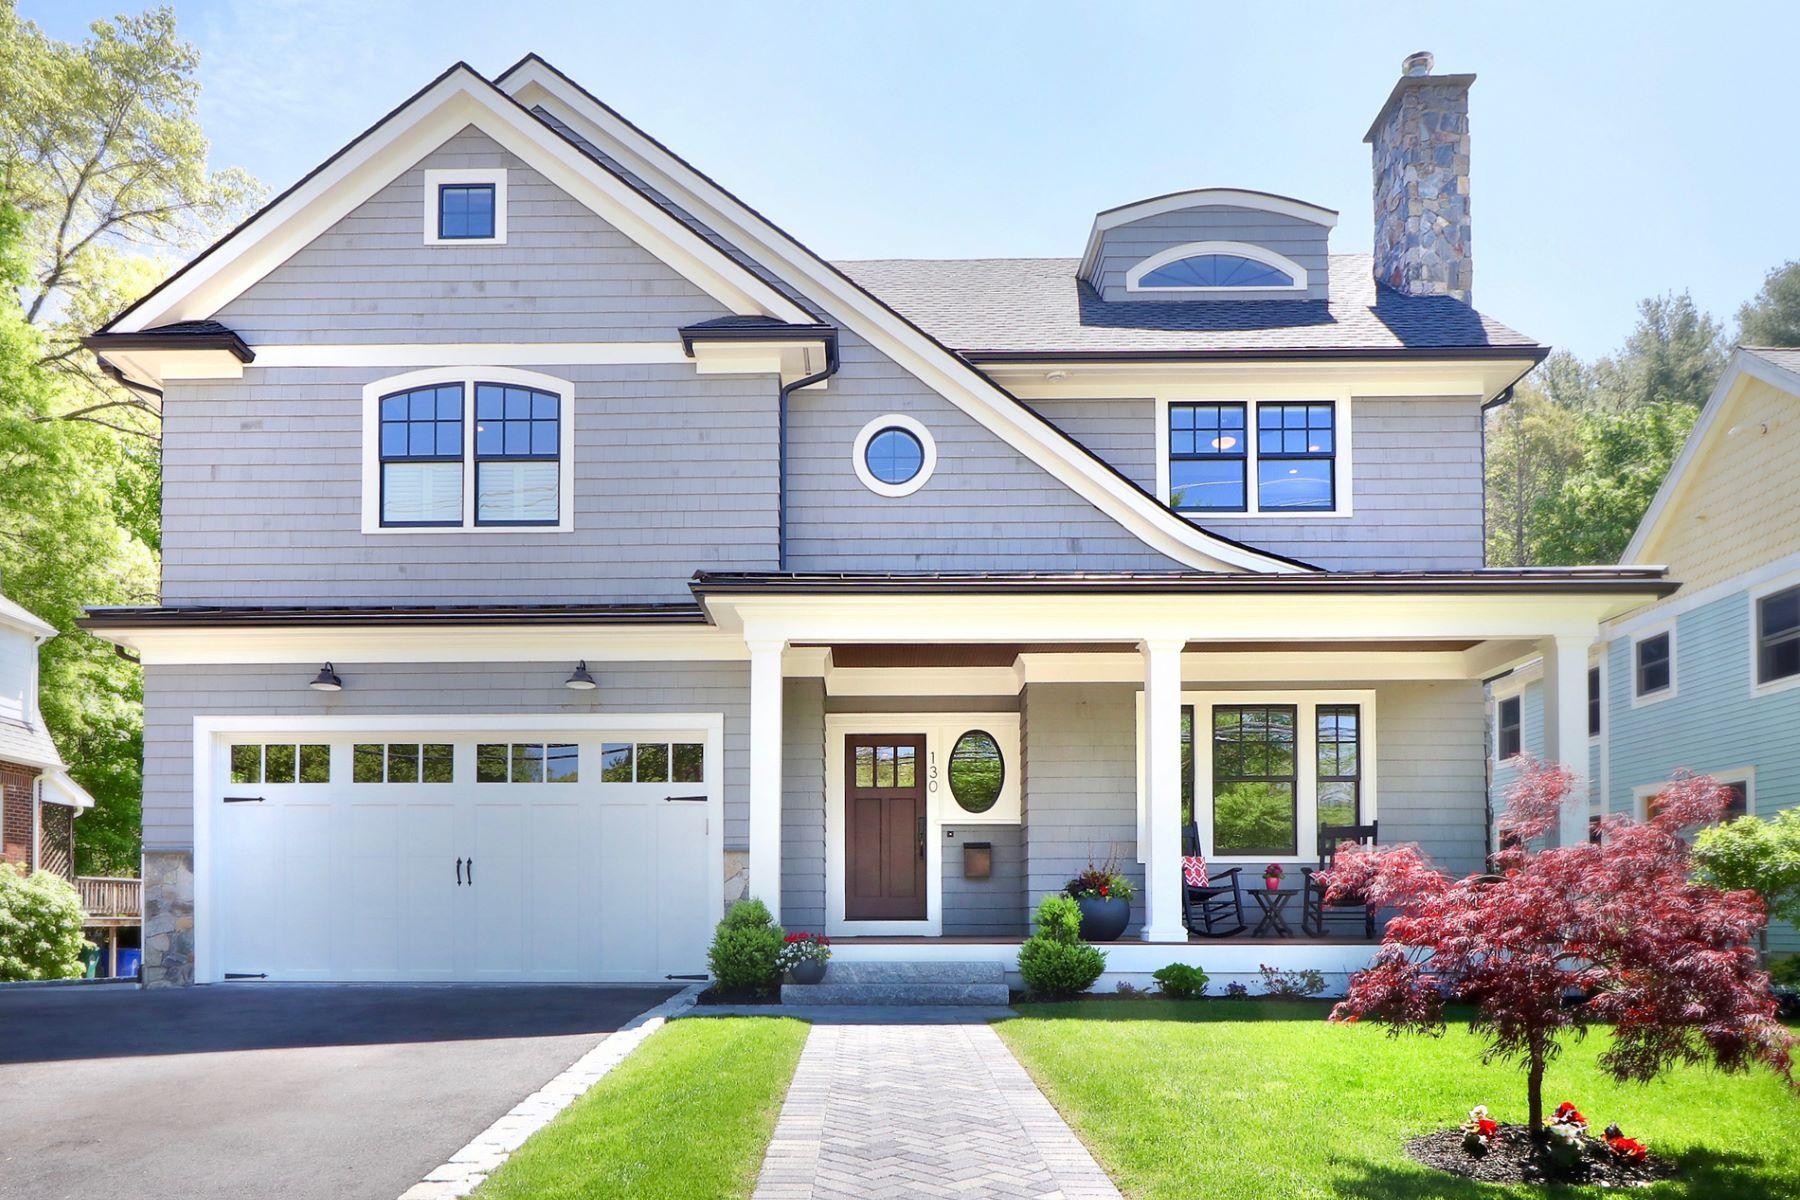 Maison unifamiliale pour l Vente à 130 Beethoven Ave, Newton Newton, Massachusetts 02468 États-Unis